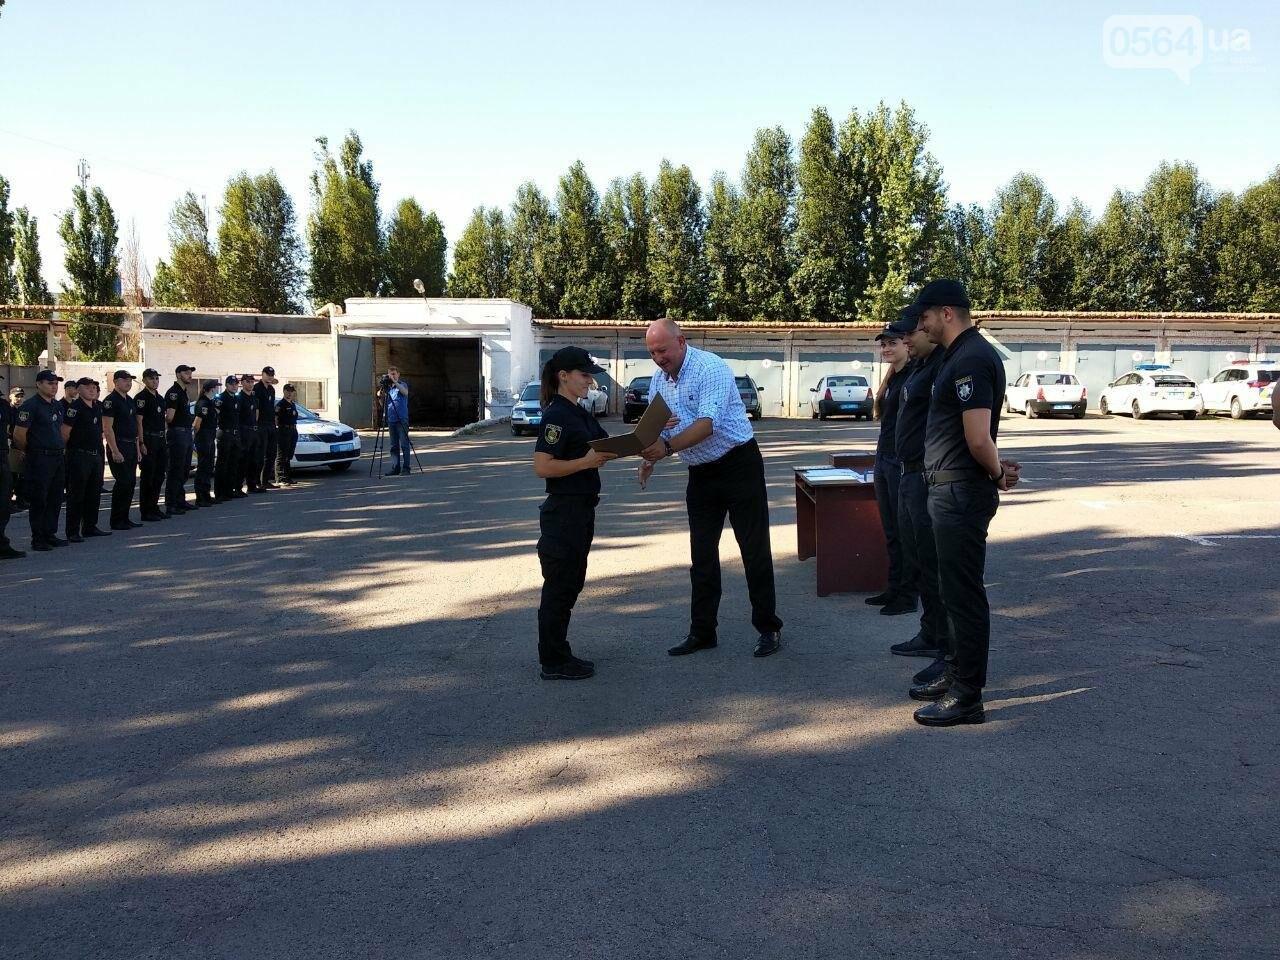 В Кривом Роге наградили патрульных за добросовестное выполнение служебных обязанностей, - ФОТО, фото-15